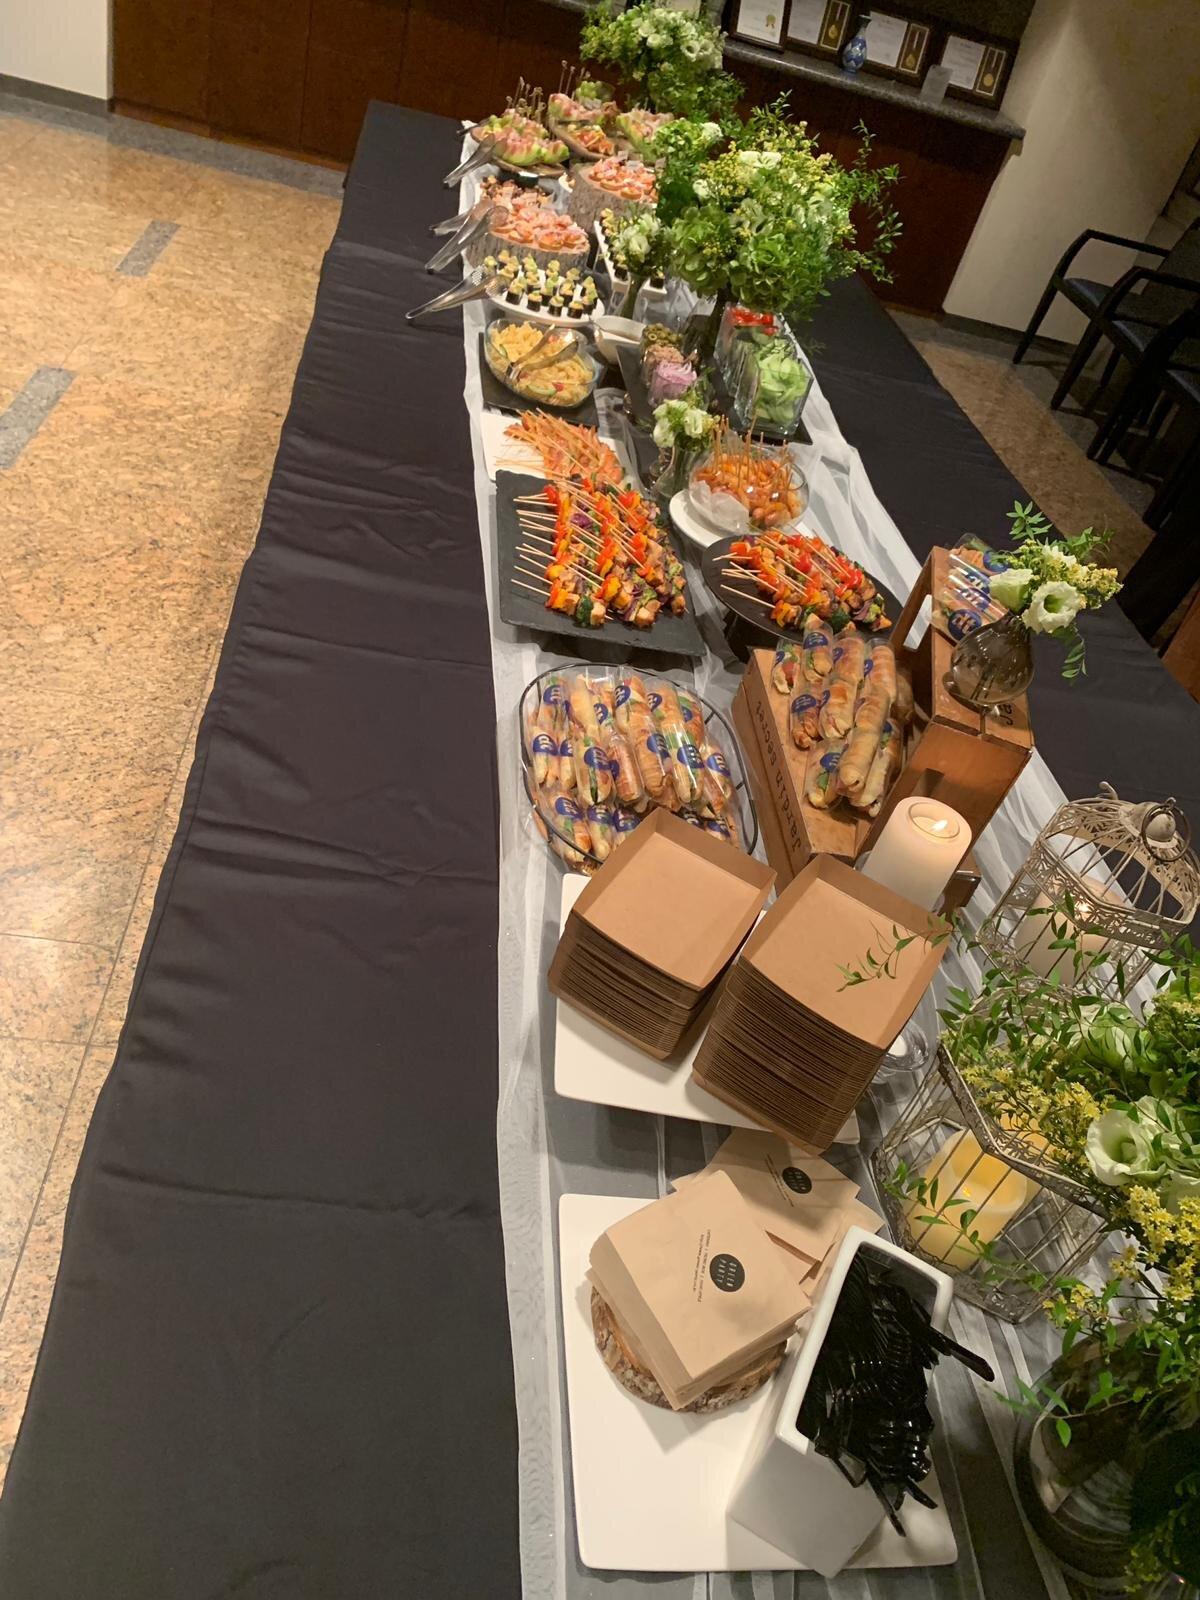 Premierenbuffet im LG Arts Center